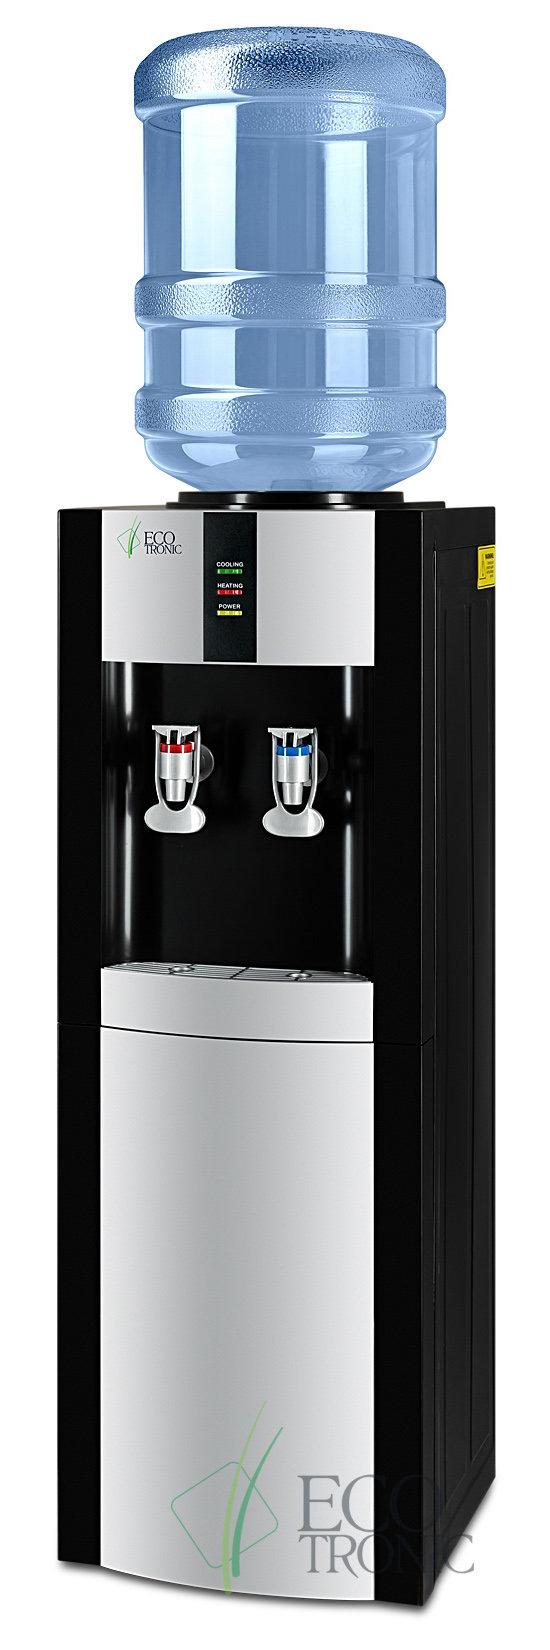 Кулер для воды Ecotronic H1-LF Black напольный с холодильником